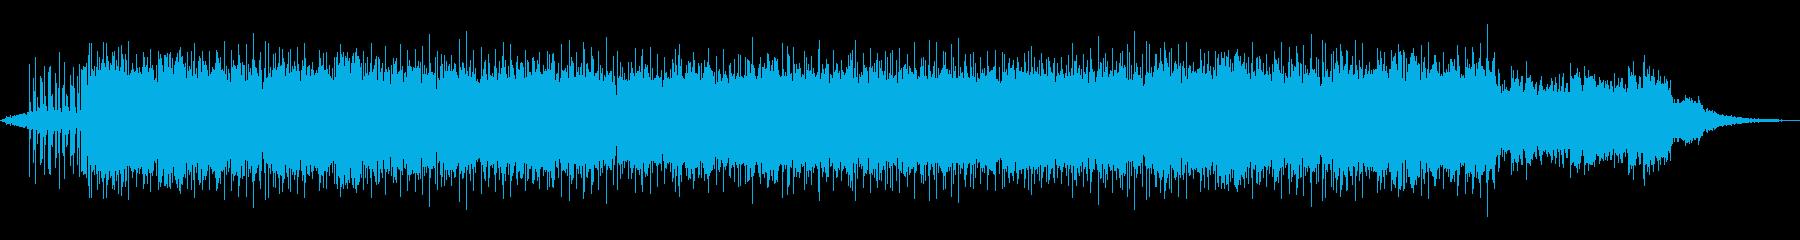 ボン・ジョヴィのバラード。積極的な...の再生済みの波形